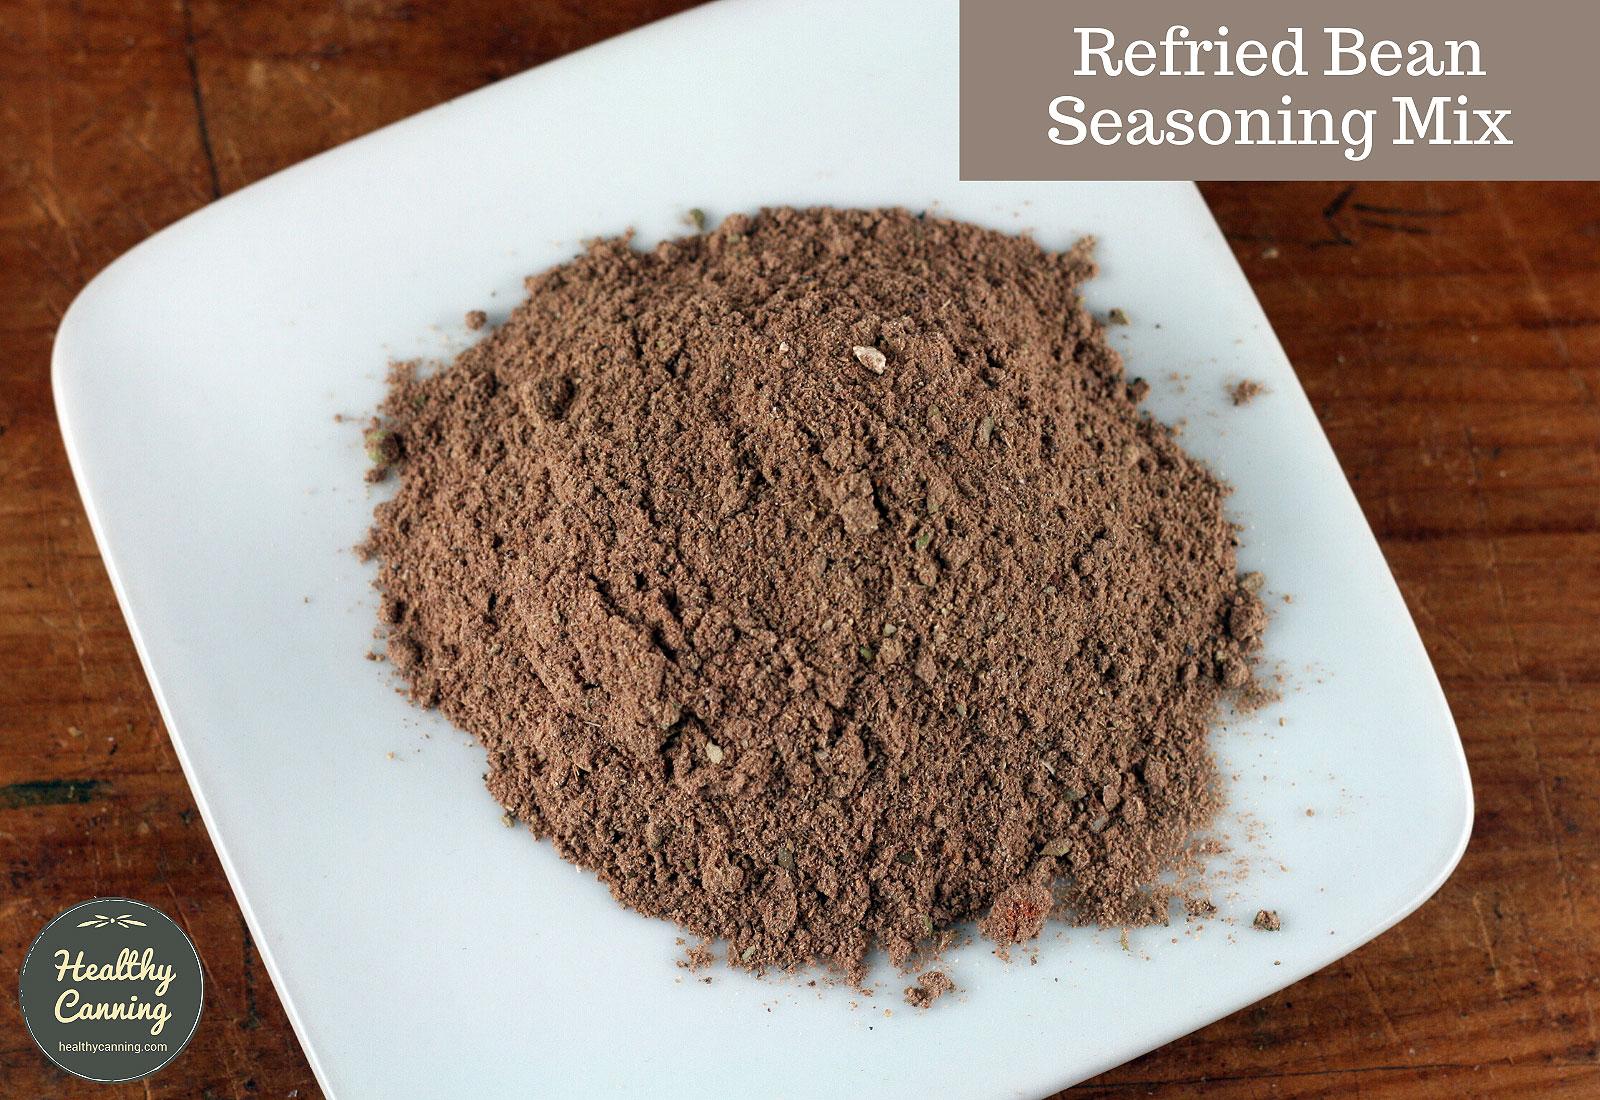 Refried bean seasoning mix